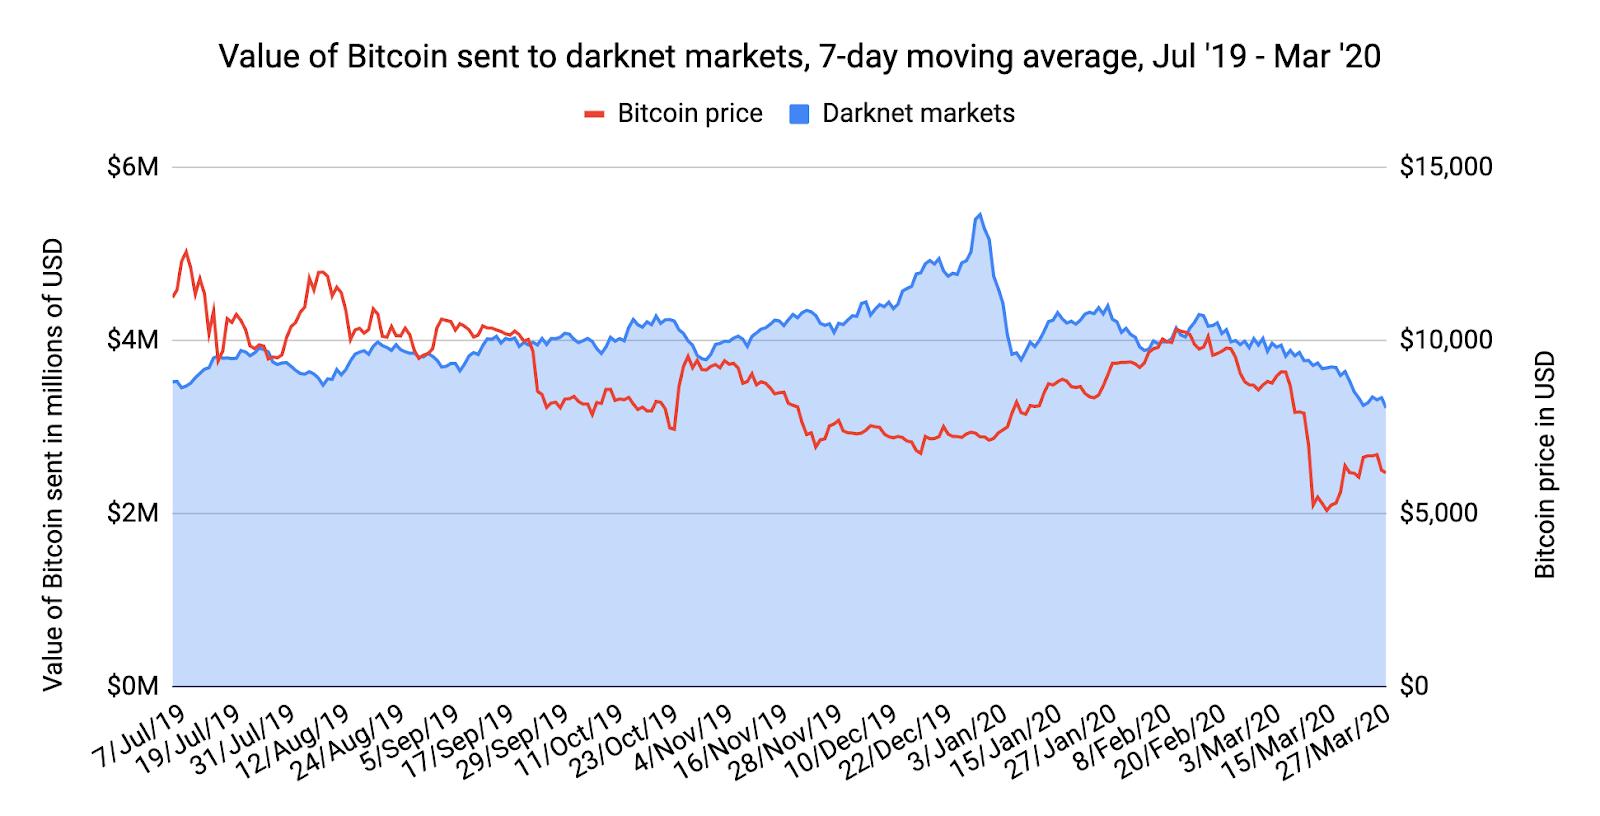 El 2020 fue un año de grandes ingresos para mercados de la darknet según Chainalysis